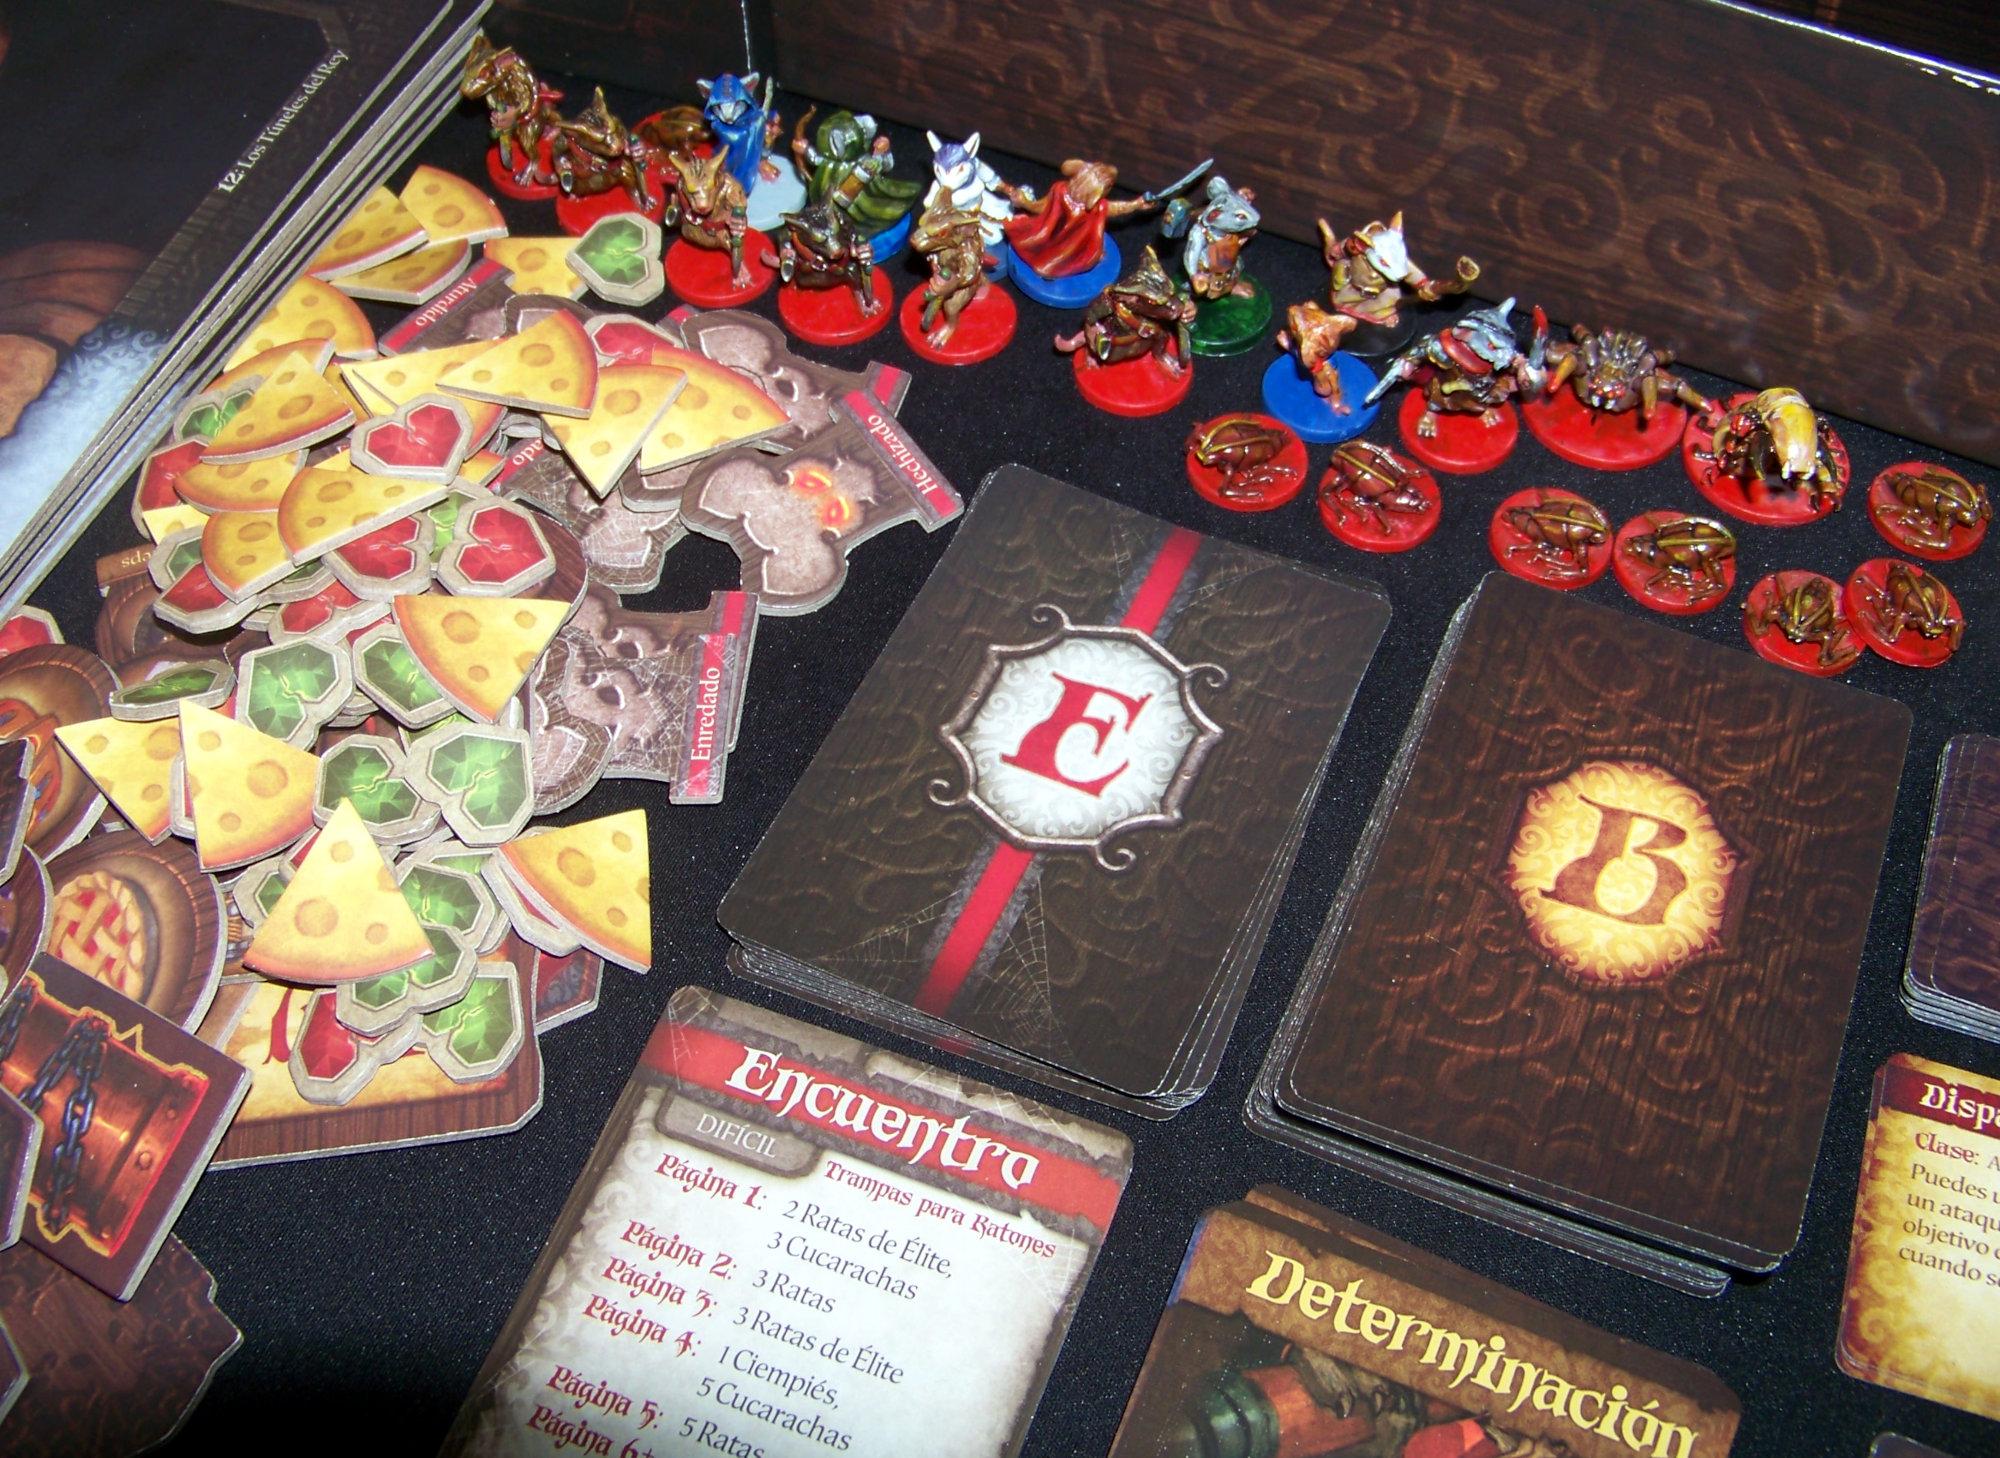 Juego de mesa De Ratones y Magia - detalle de contenido